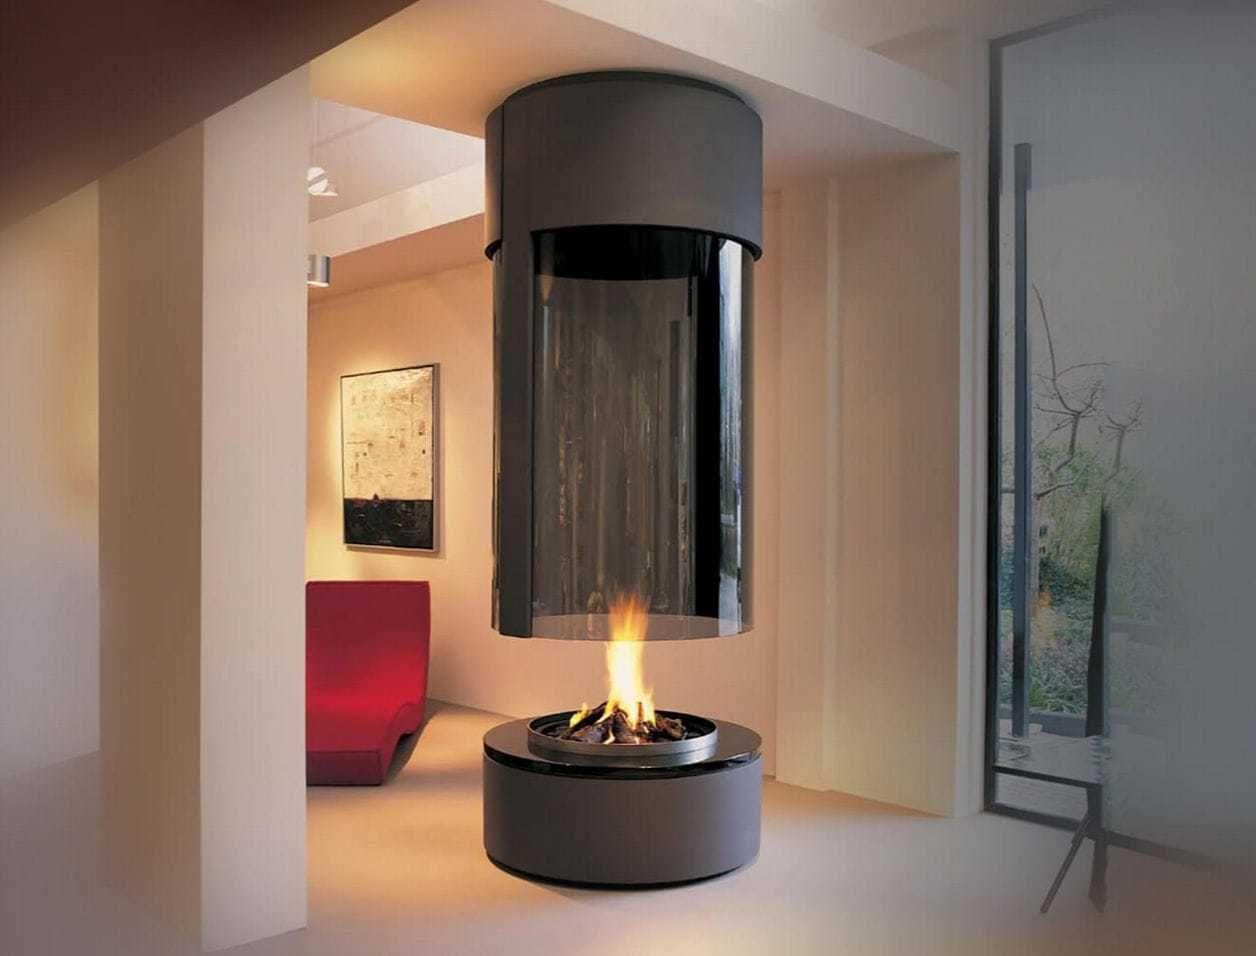 offene kamine sinnvolle idee oder nicht offener kamin innendesign und moderne kamine. Black Bedroom Furniture Sets. Home Design Ideas